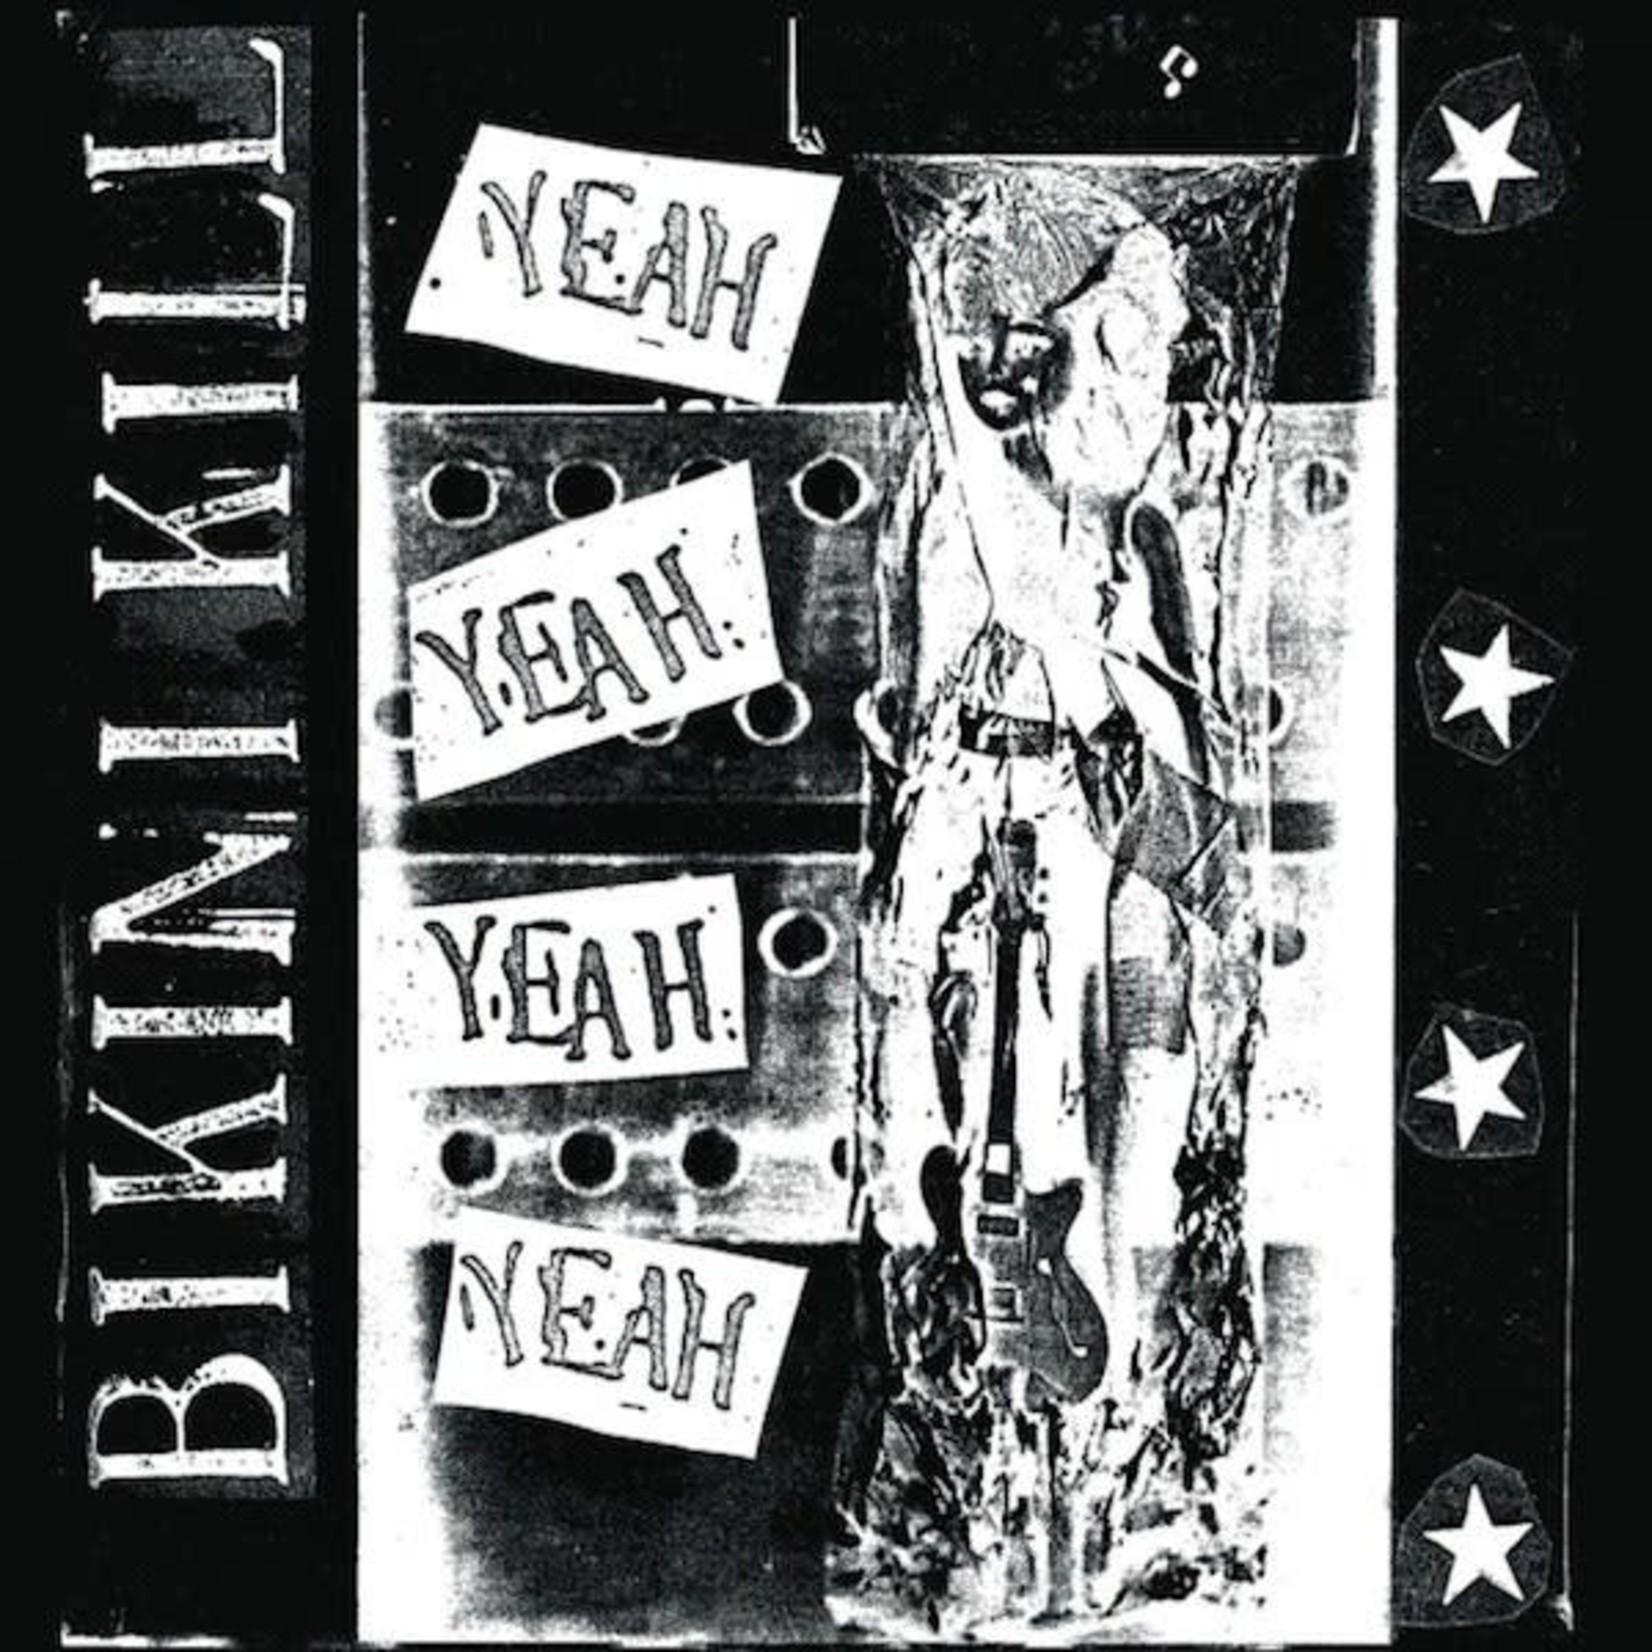 [New] Bikini Kill: Yeah, Yeah, Yeah, Yeah EP (7 Bonus Tracks)